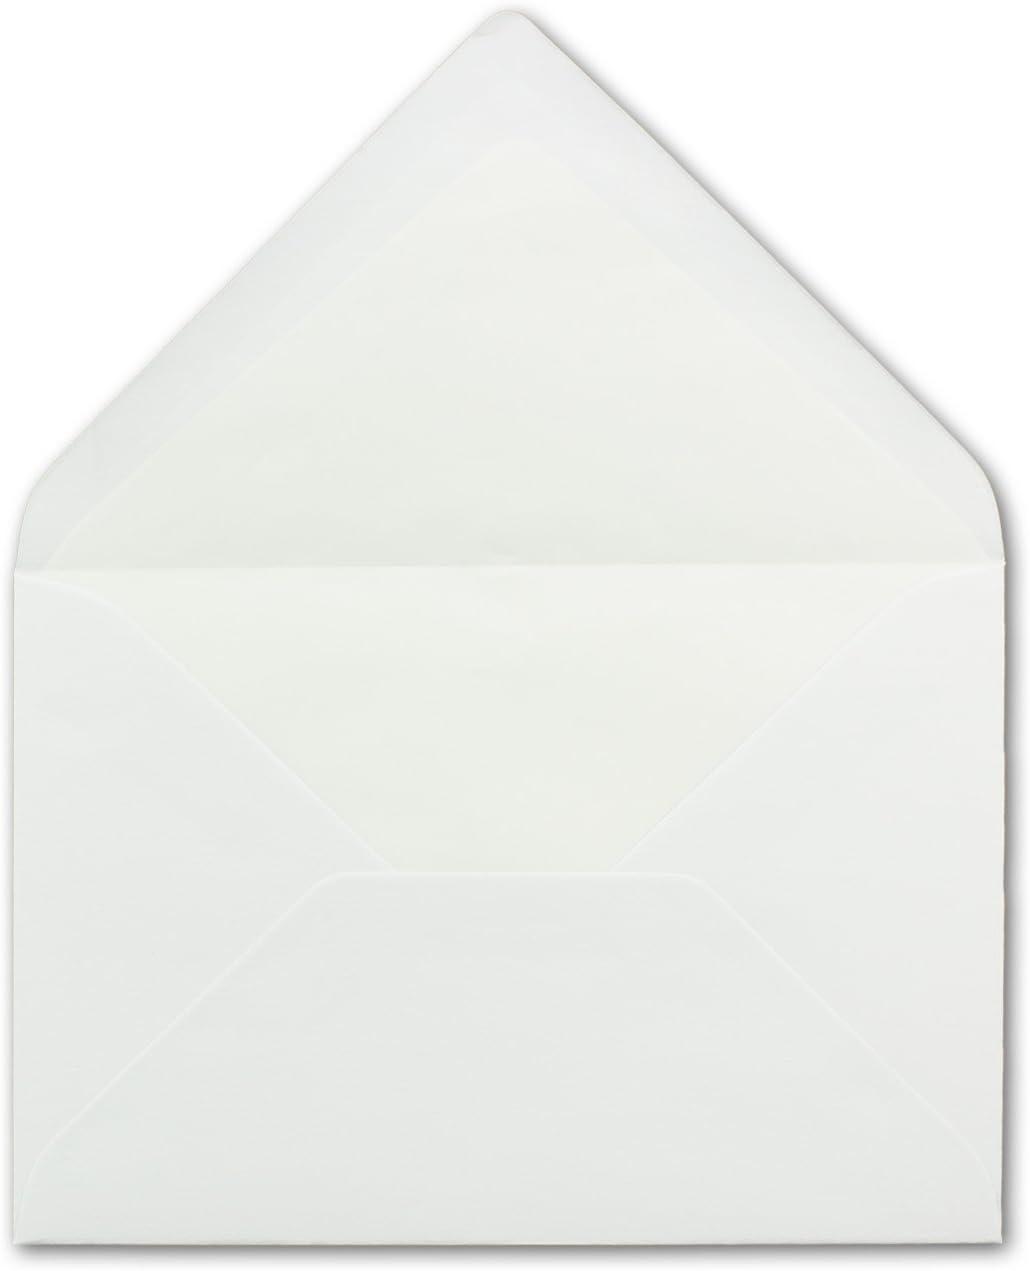 Nassklebung ohne Fenster 25 x Briefumschl/äge in Weiss mit wei/ßem Seidenfutter DIN B6 12,5 x 17,6 cm Ideal f/ür Hochzeits-Einladungen Gru/ßkarten Weihnachtskarten